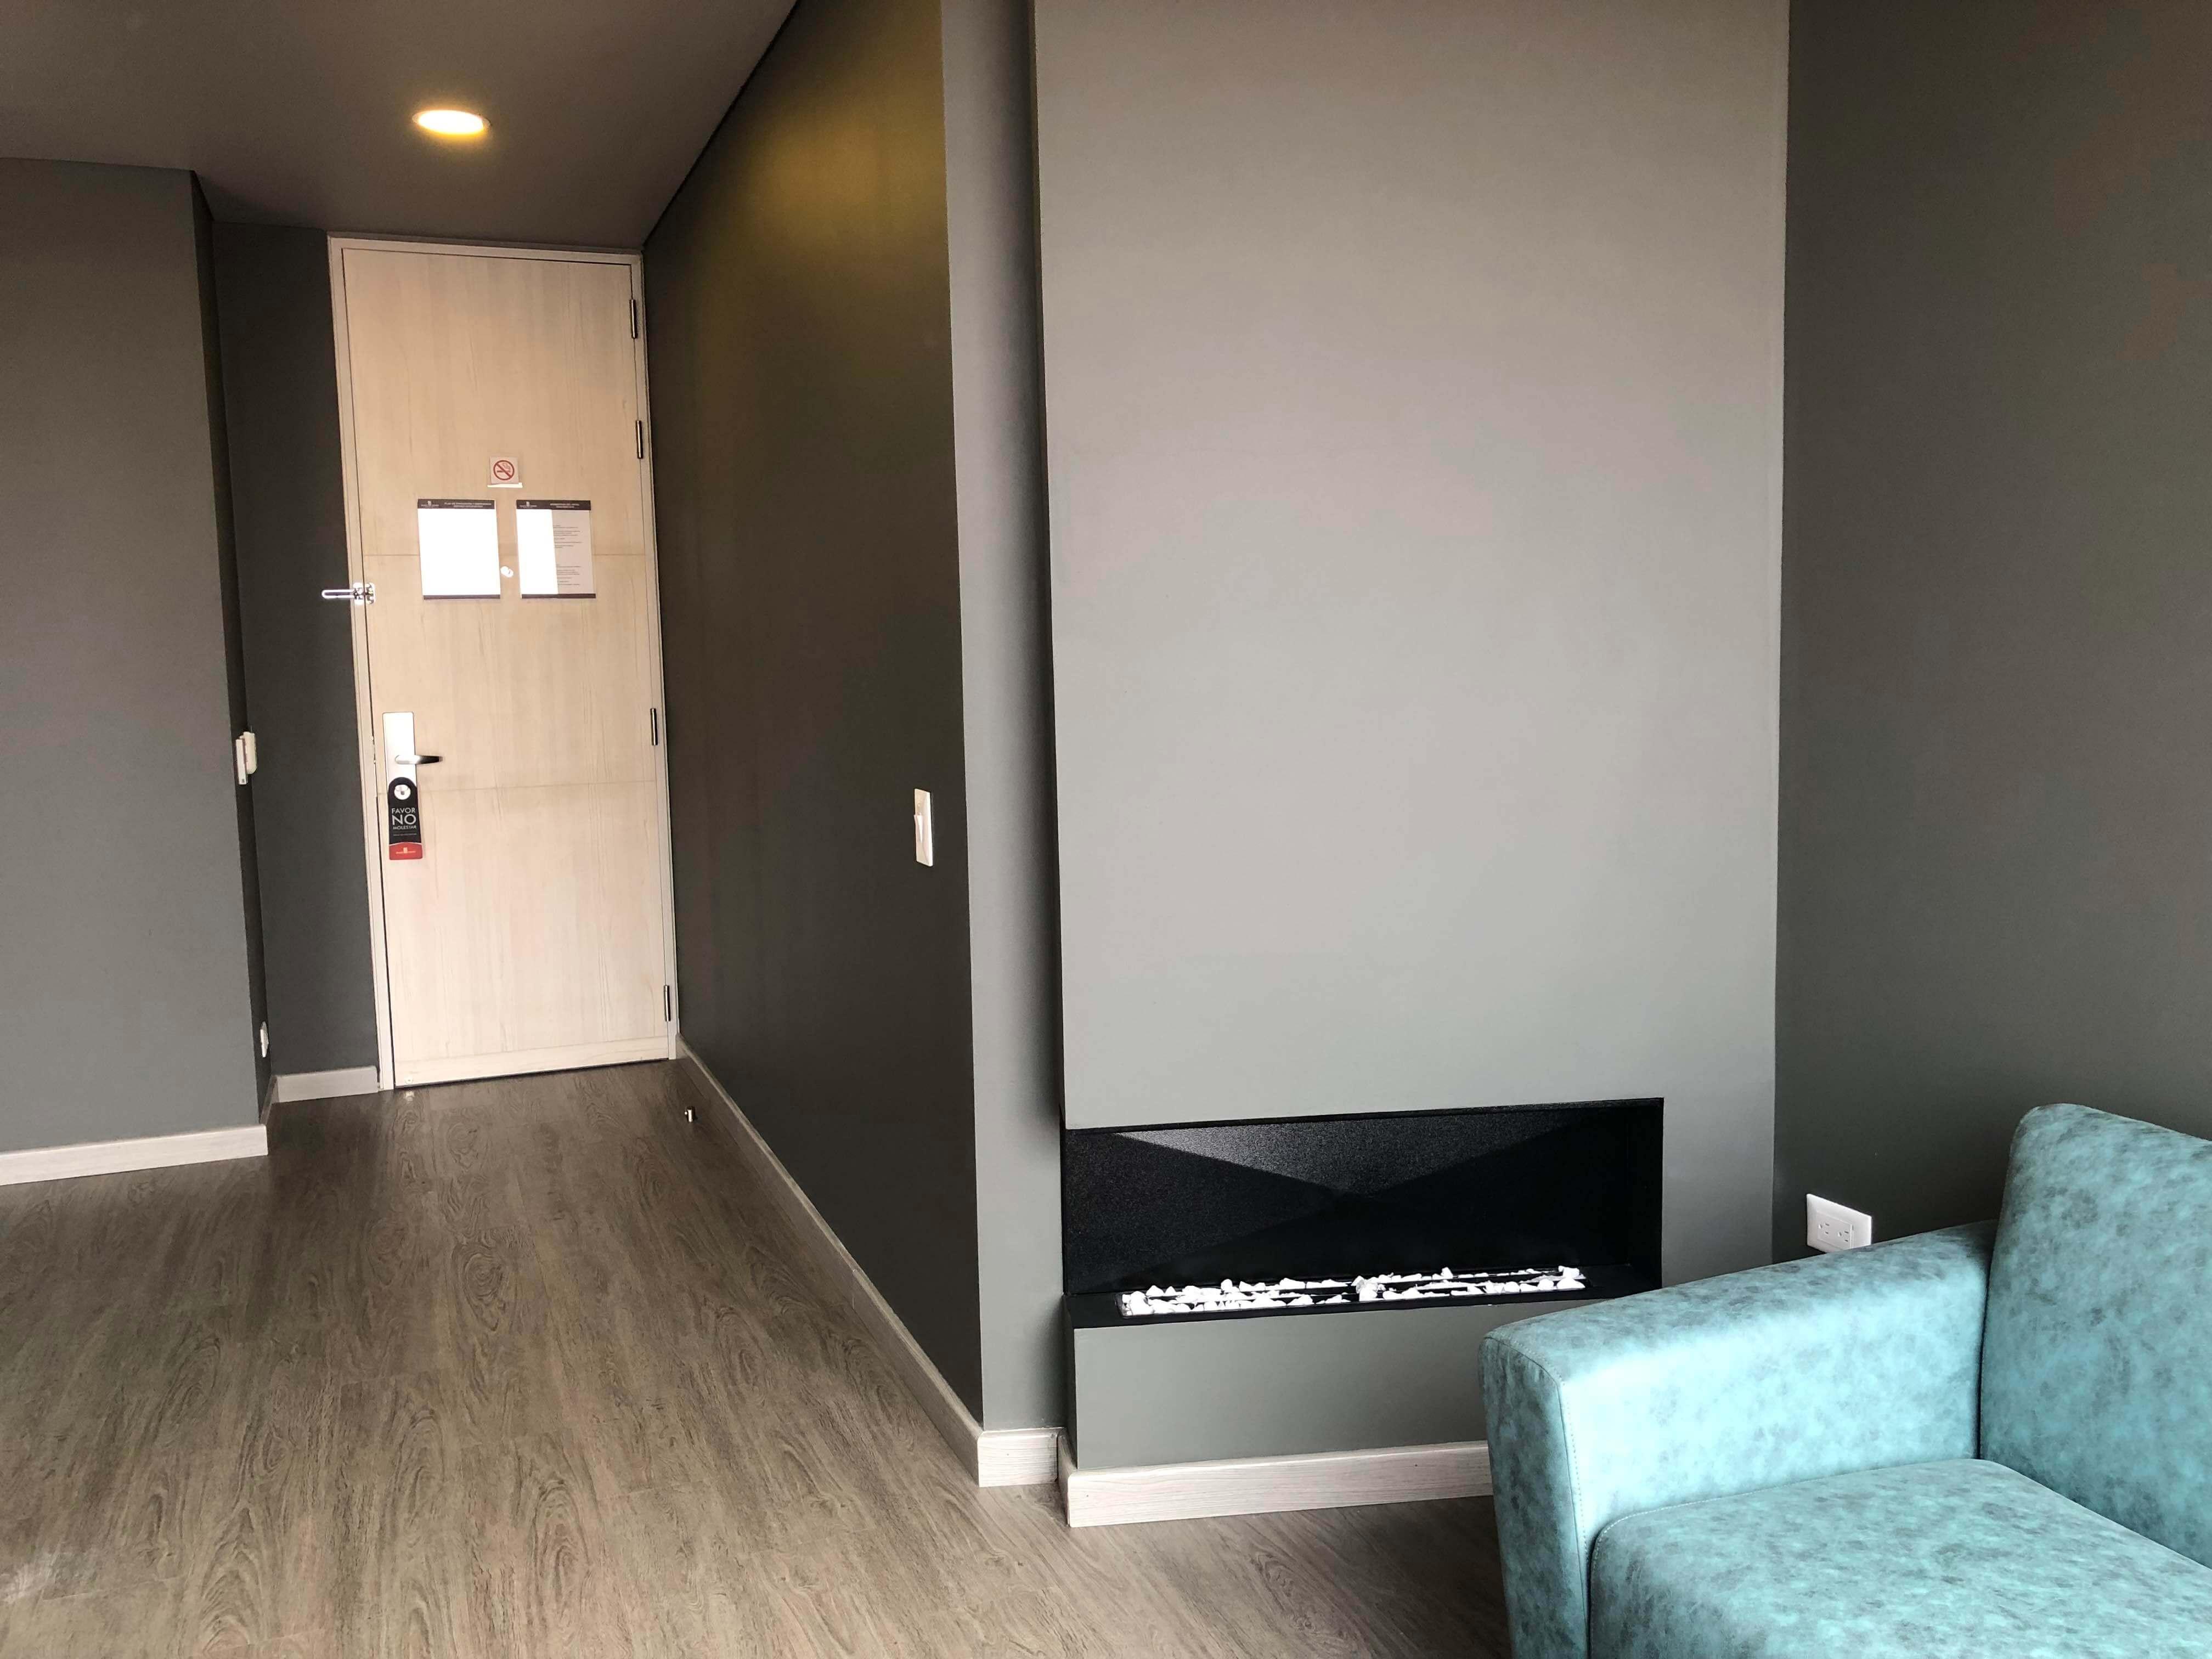 habitaciones de hotel economicas